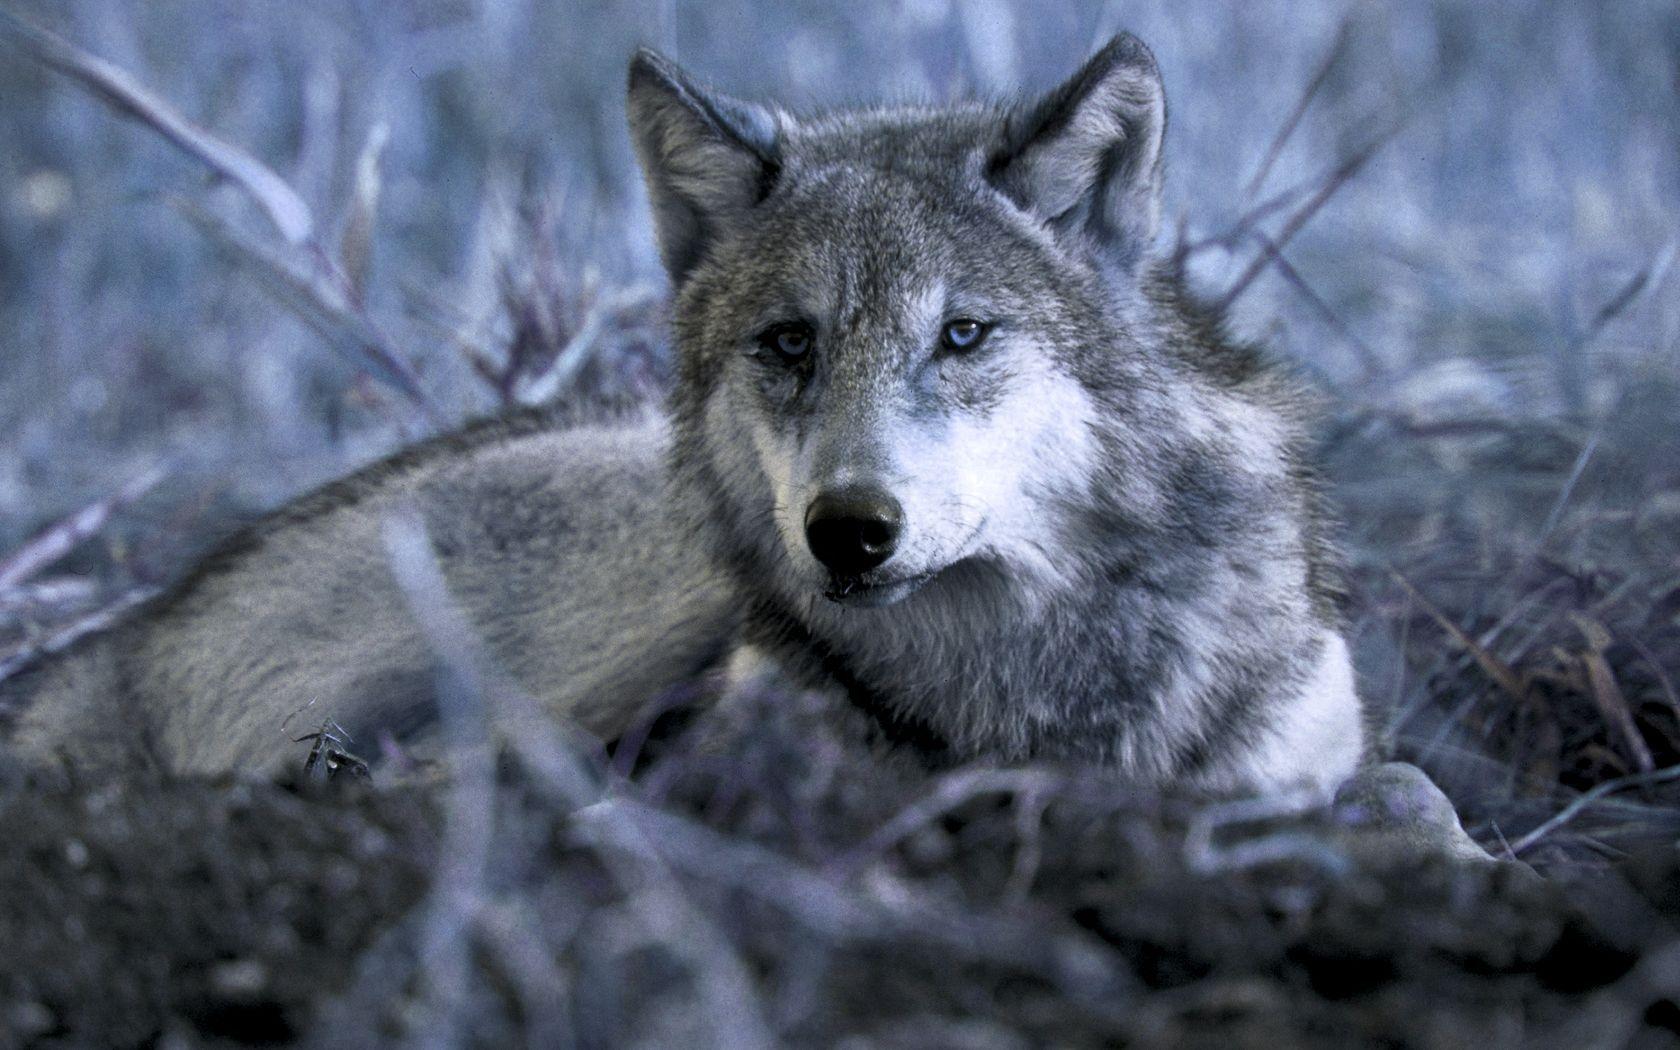 Wolf-Wallpapers-Desktop-Gallery-87-Plus-PIC-WPW5011591.jpg